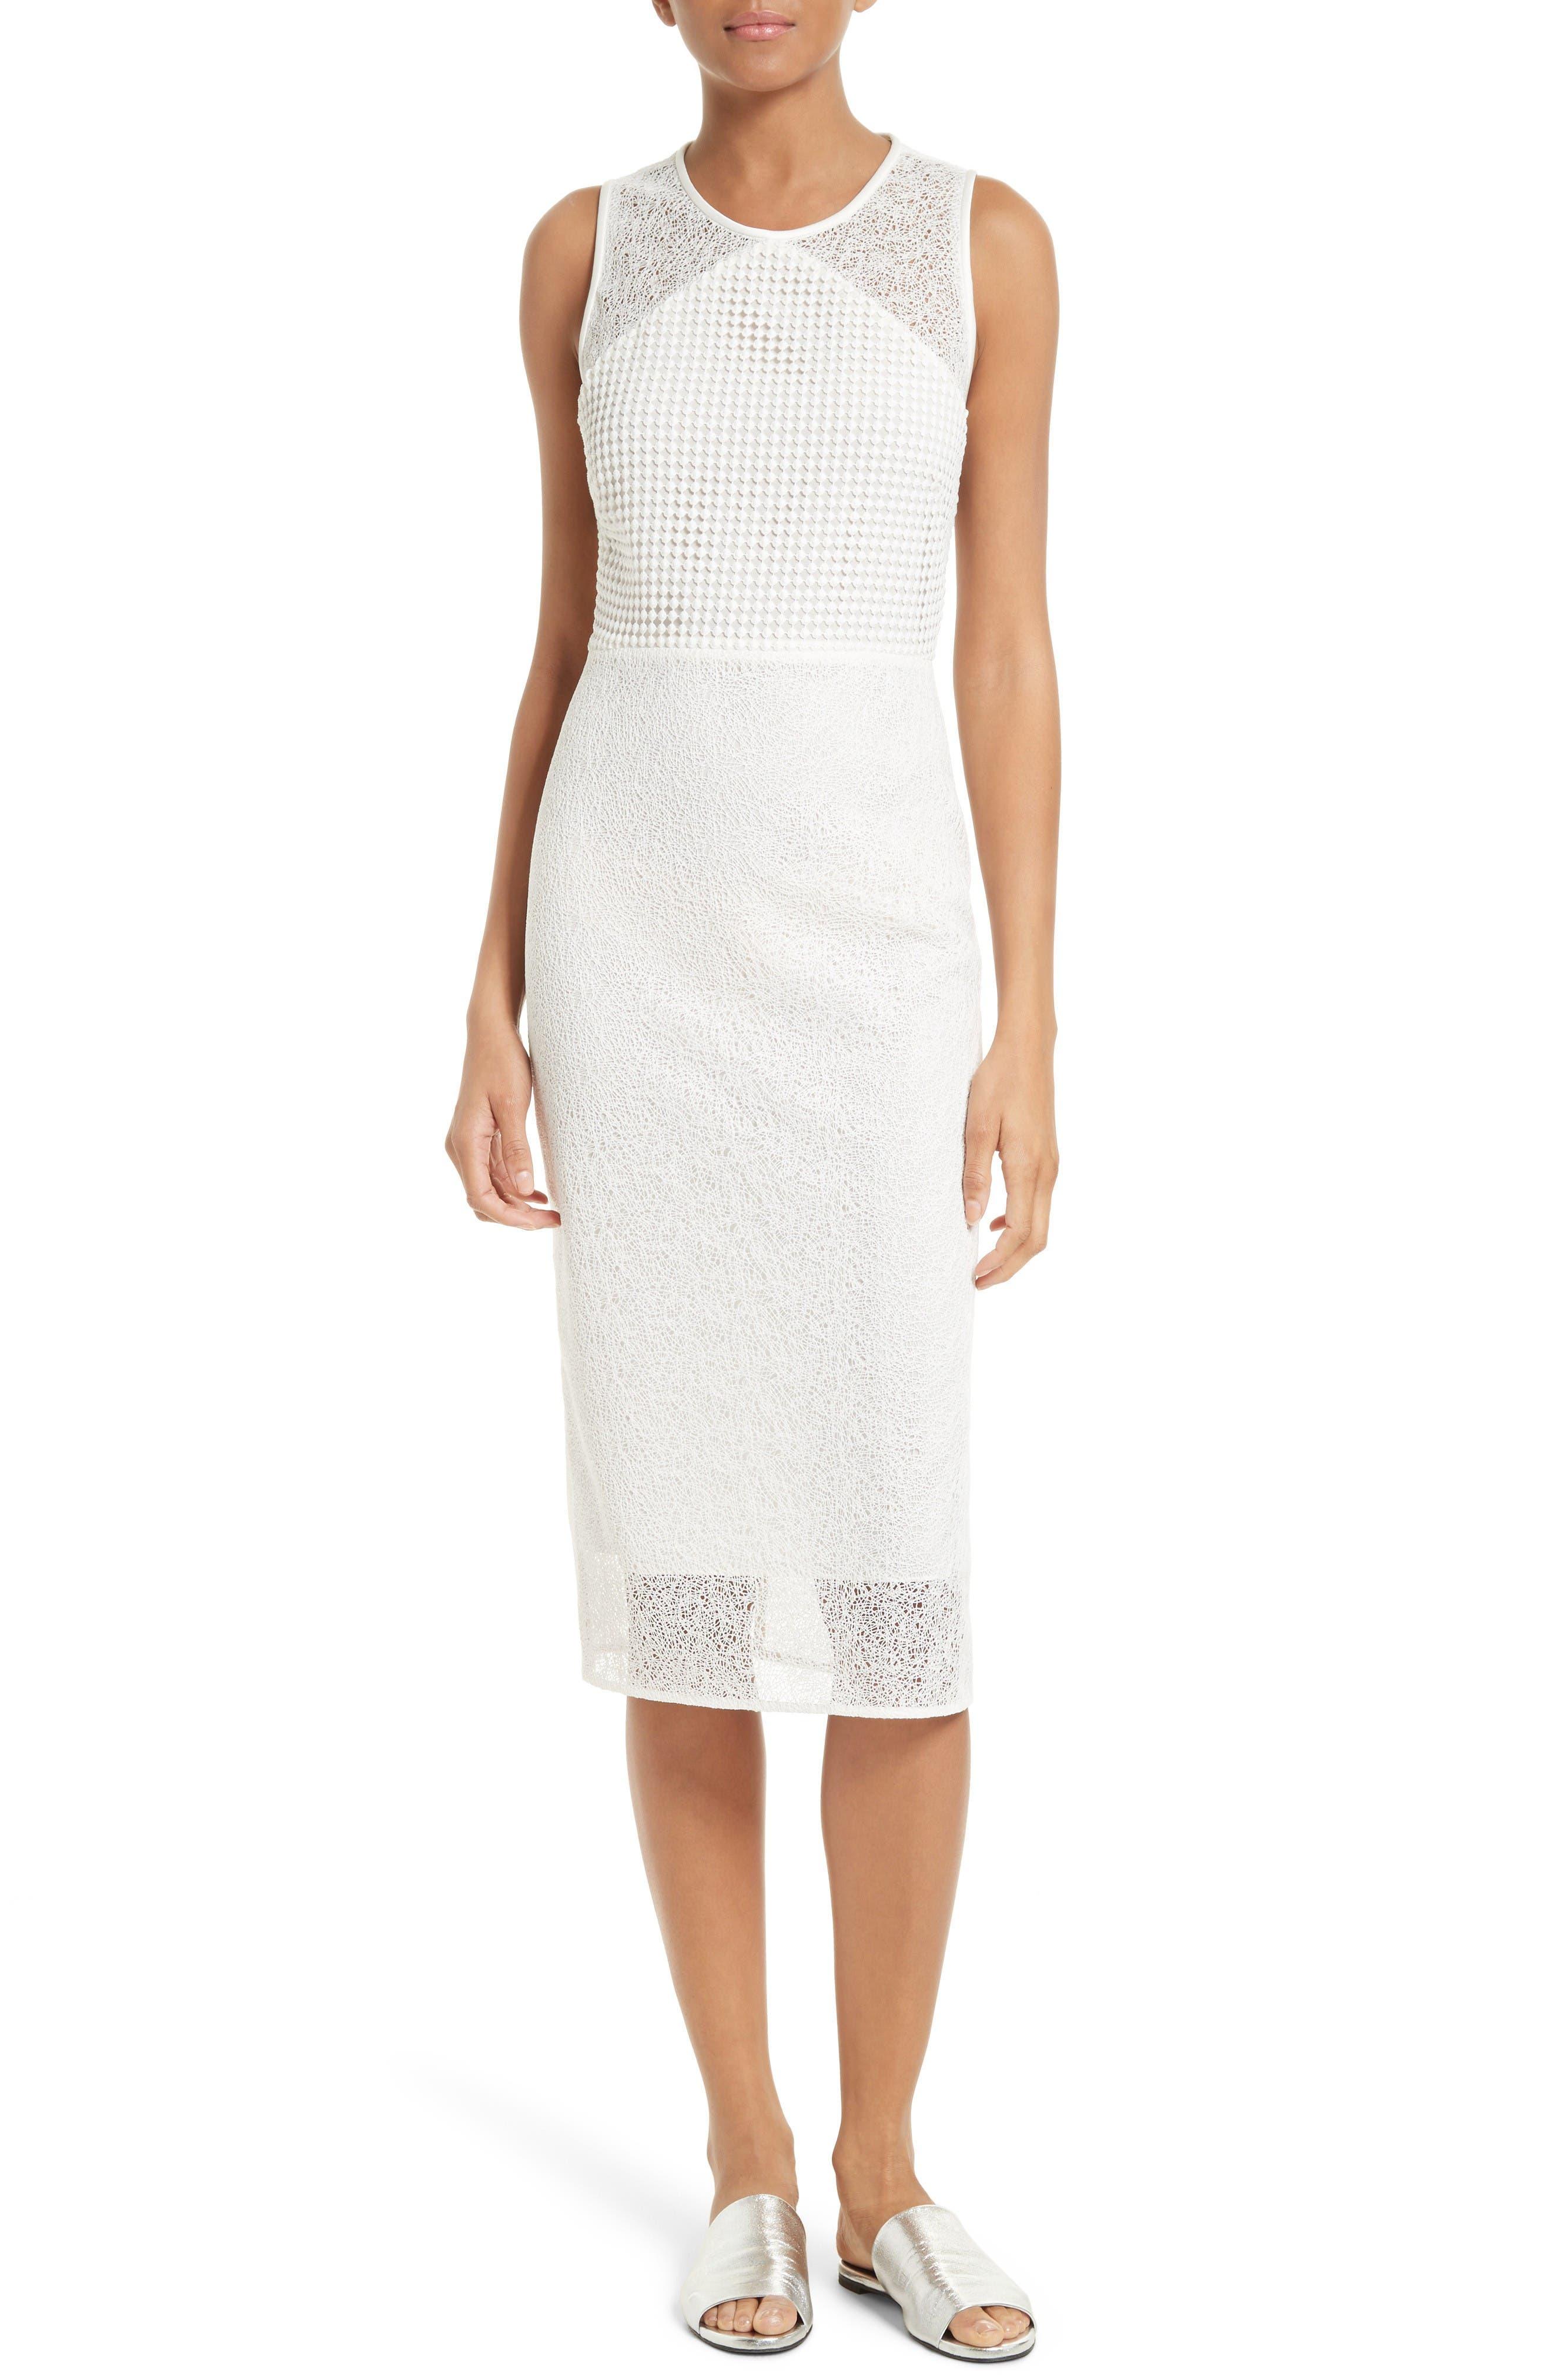 Diane von Furstenberg Mixed Lace Sheath Dress